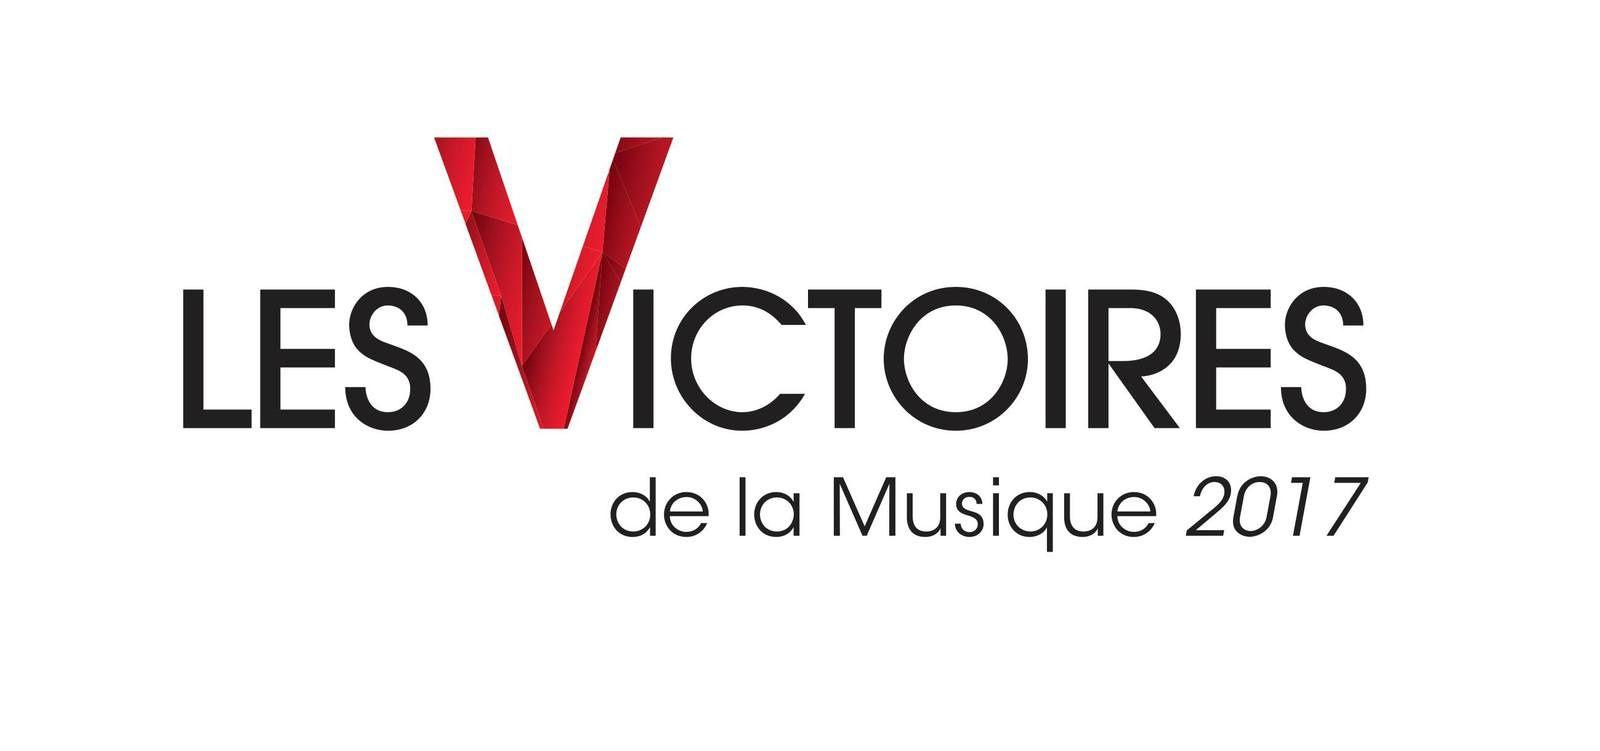 Les Victoires de la Musique 2017. Le palmarès, les vidéos.